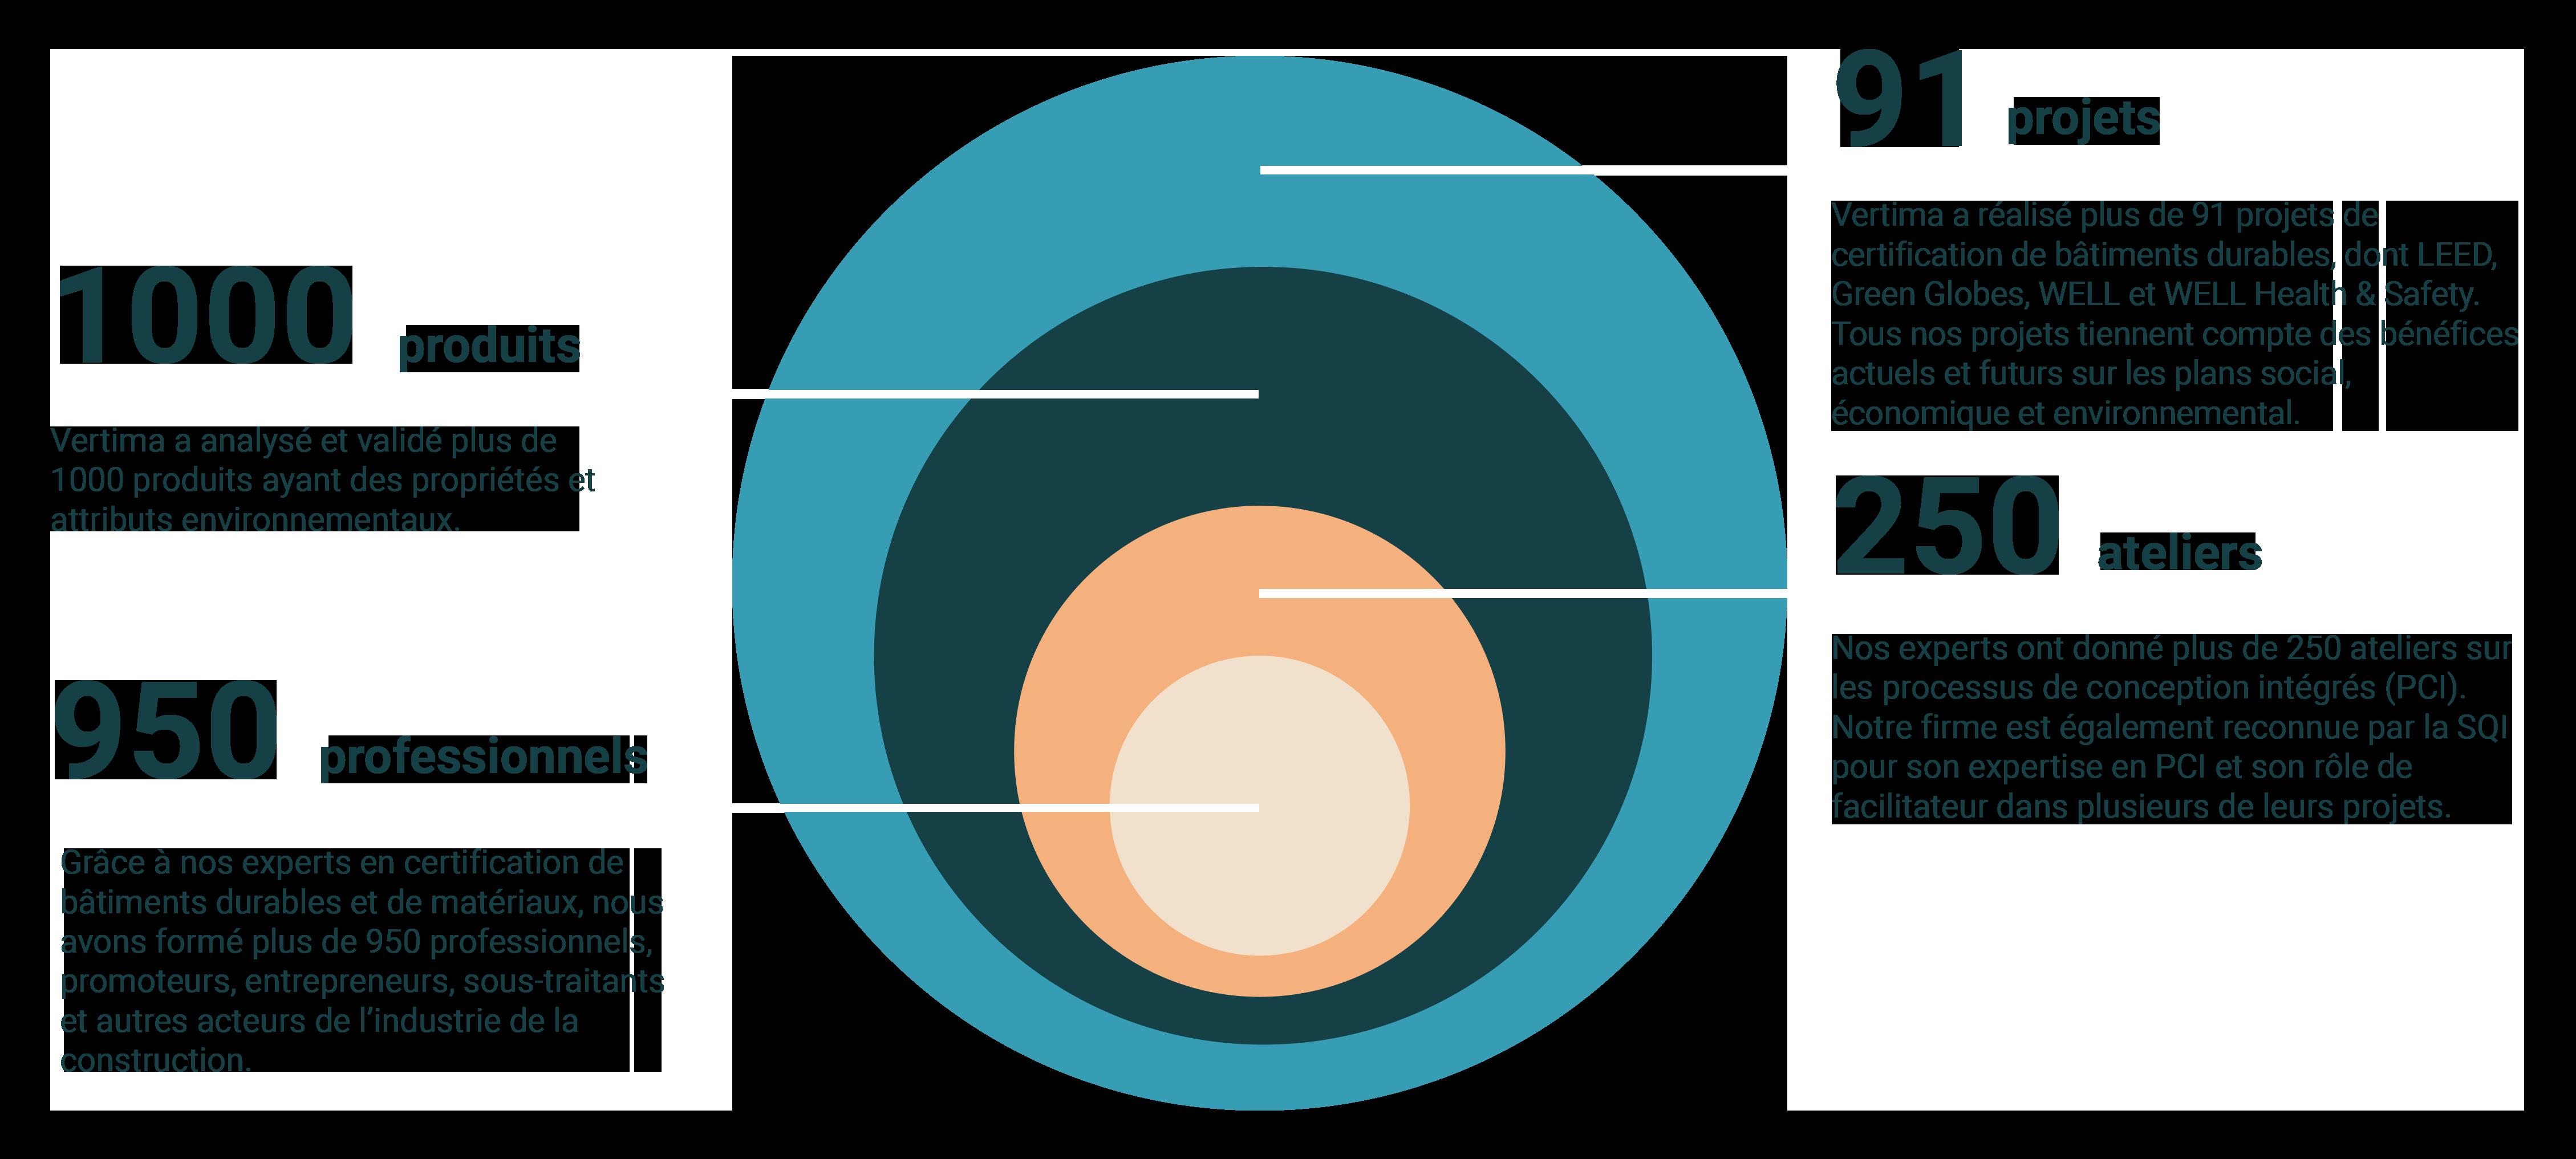 explanation circle